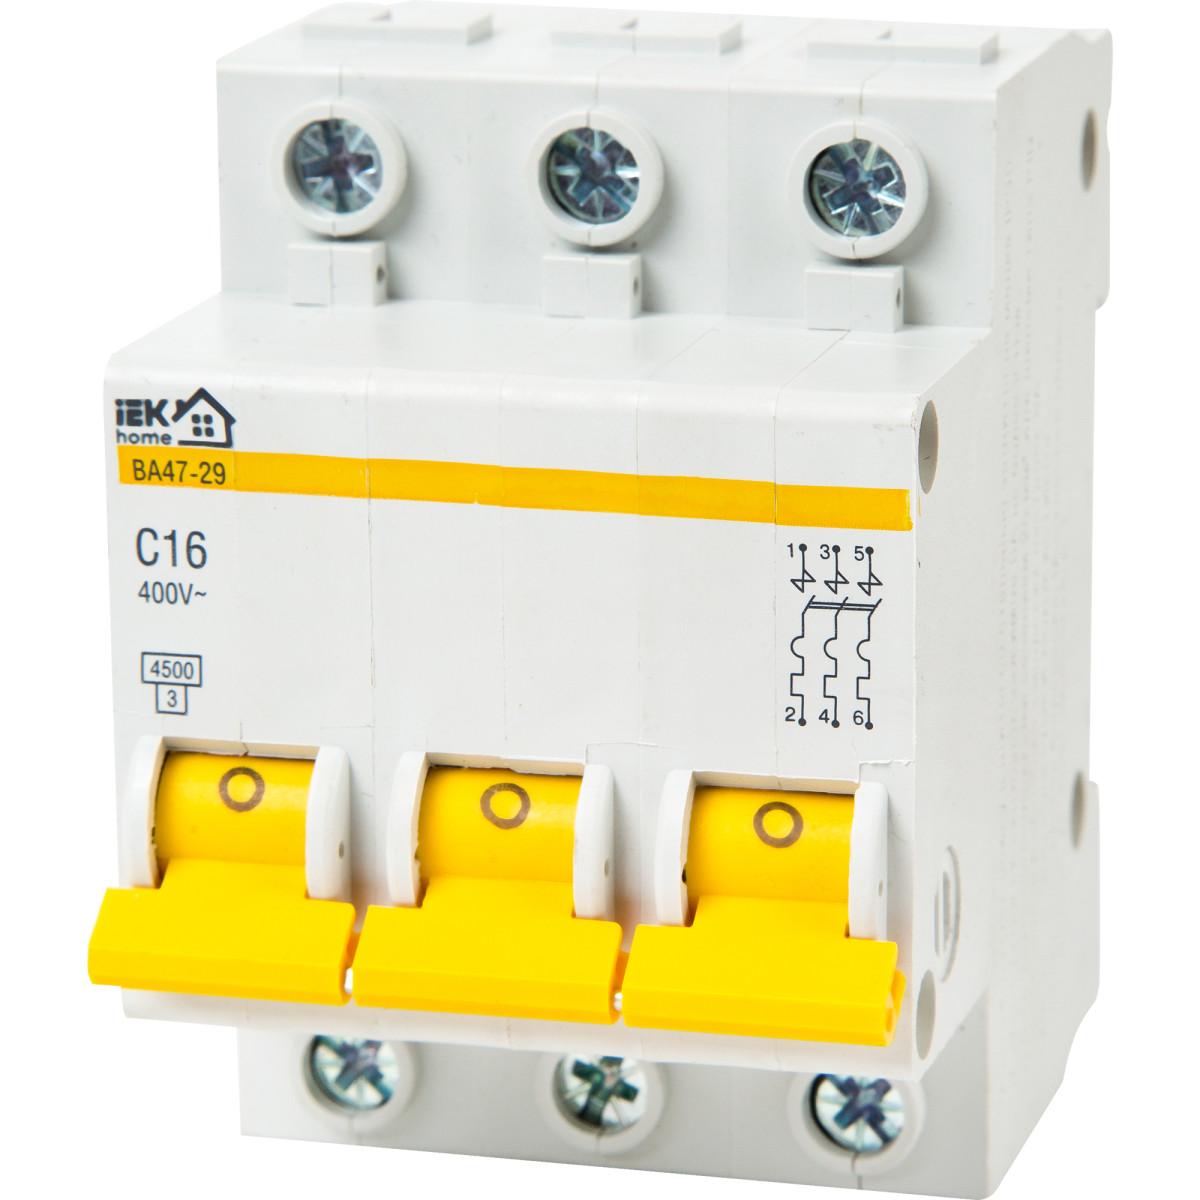 Выключатель автоматический IEK Home В А47-29 3 полюса 16 А